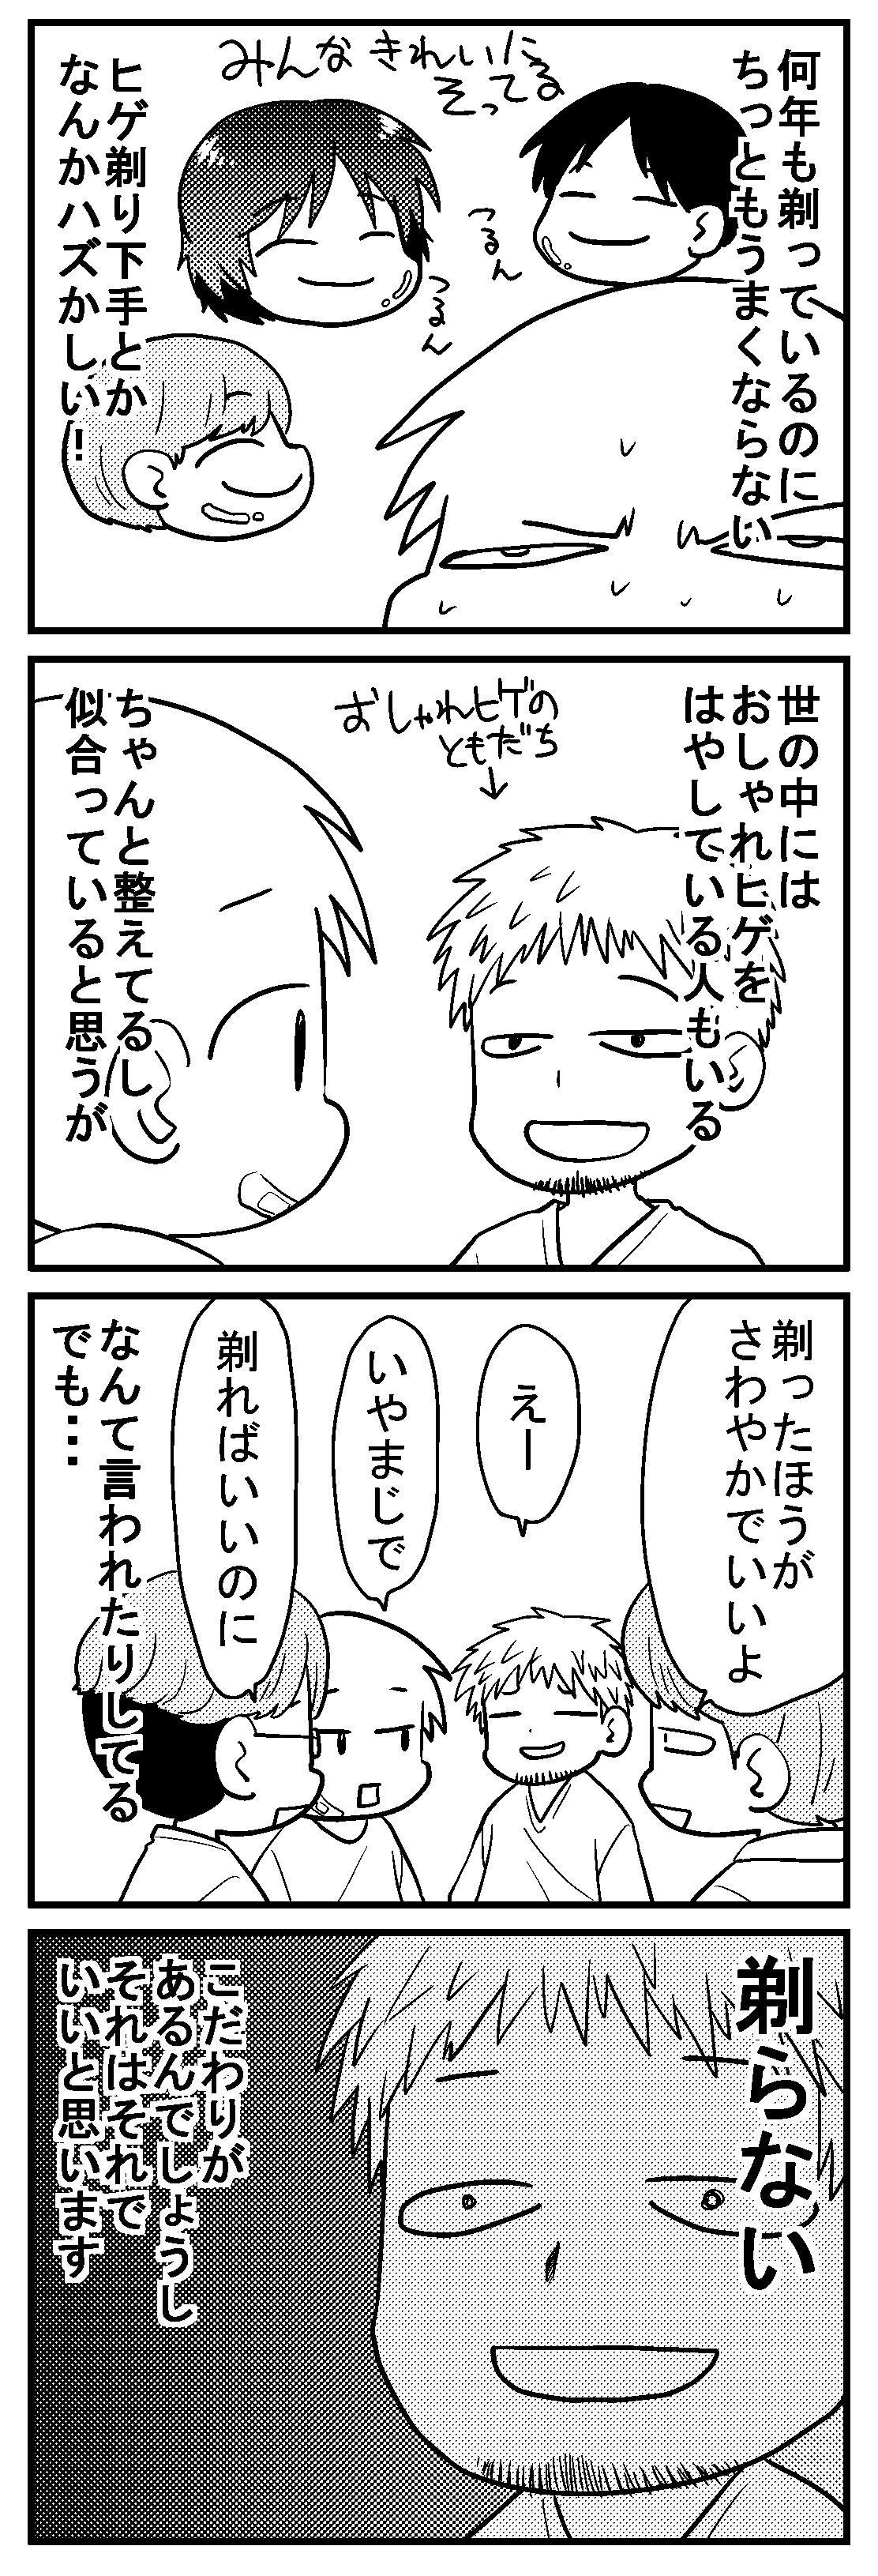 深読みくん27 2